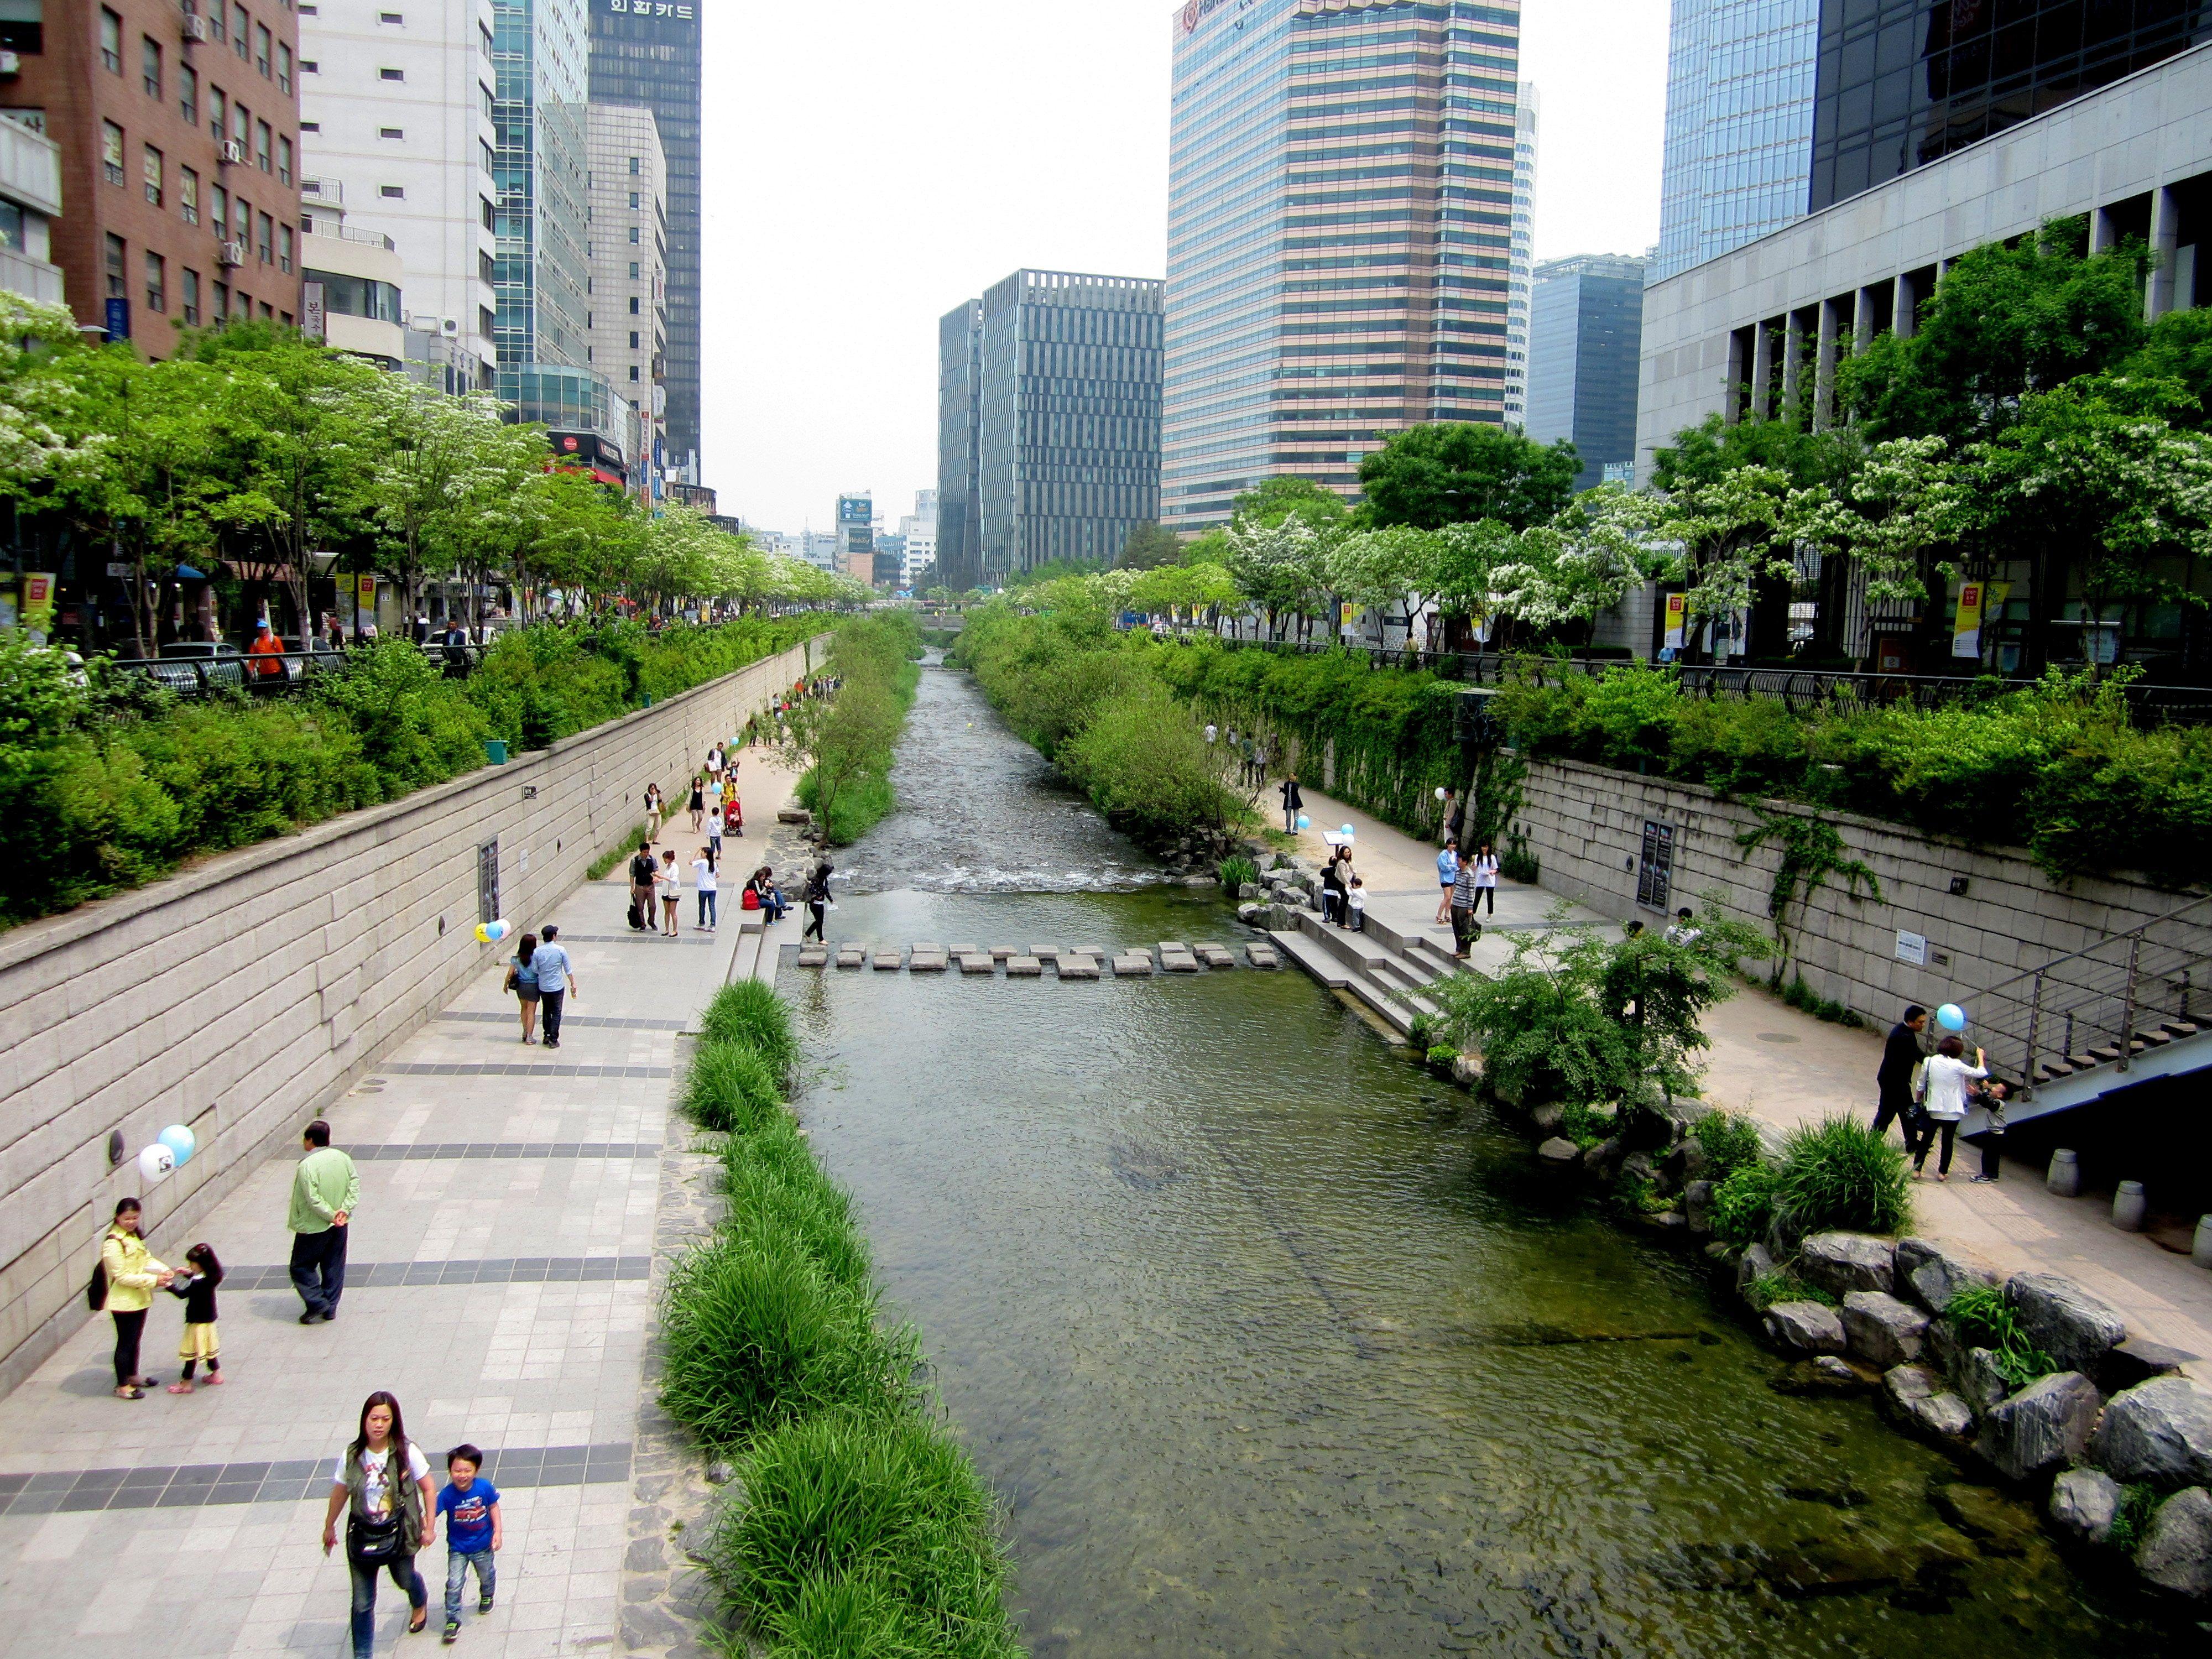 ciudad verde - rio Seul